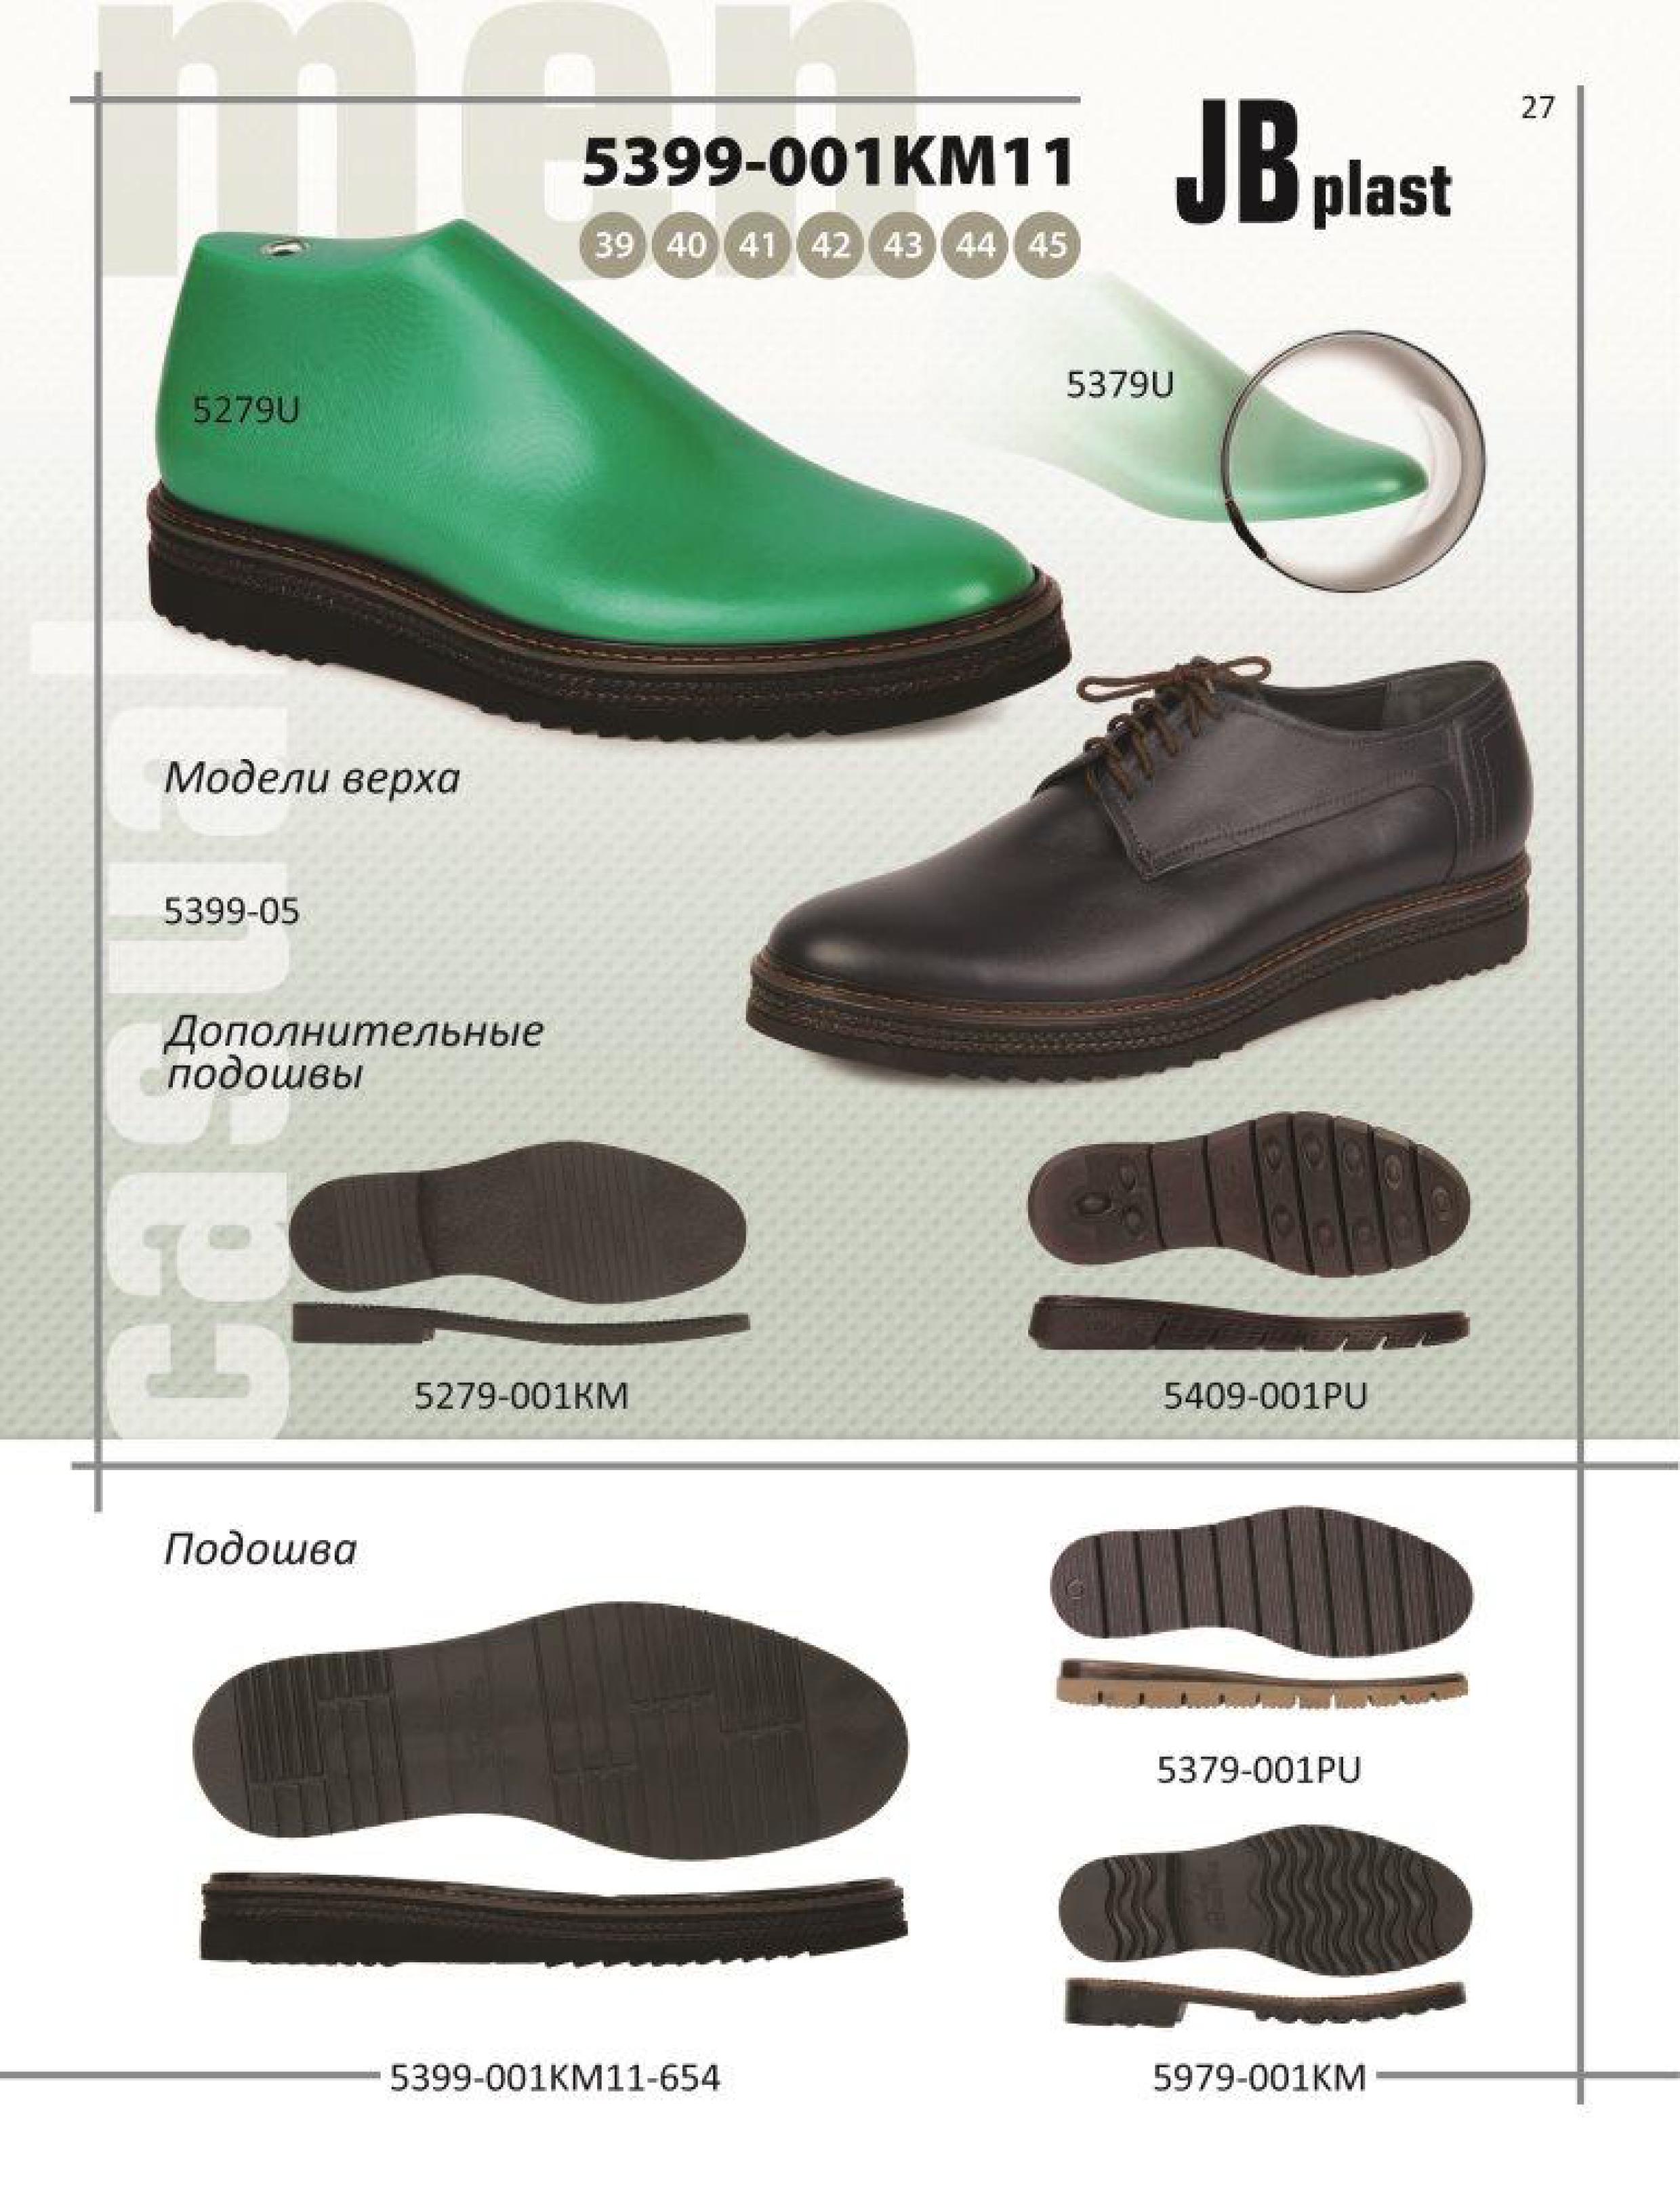 обувная пресс форма